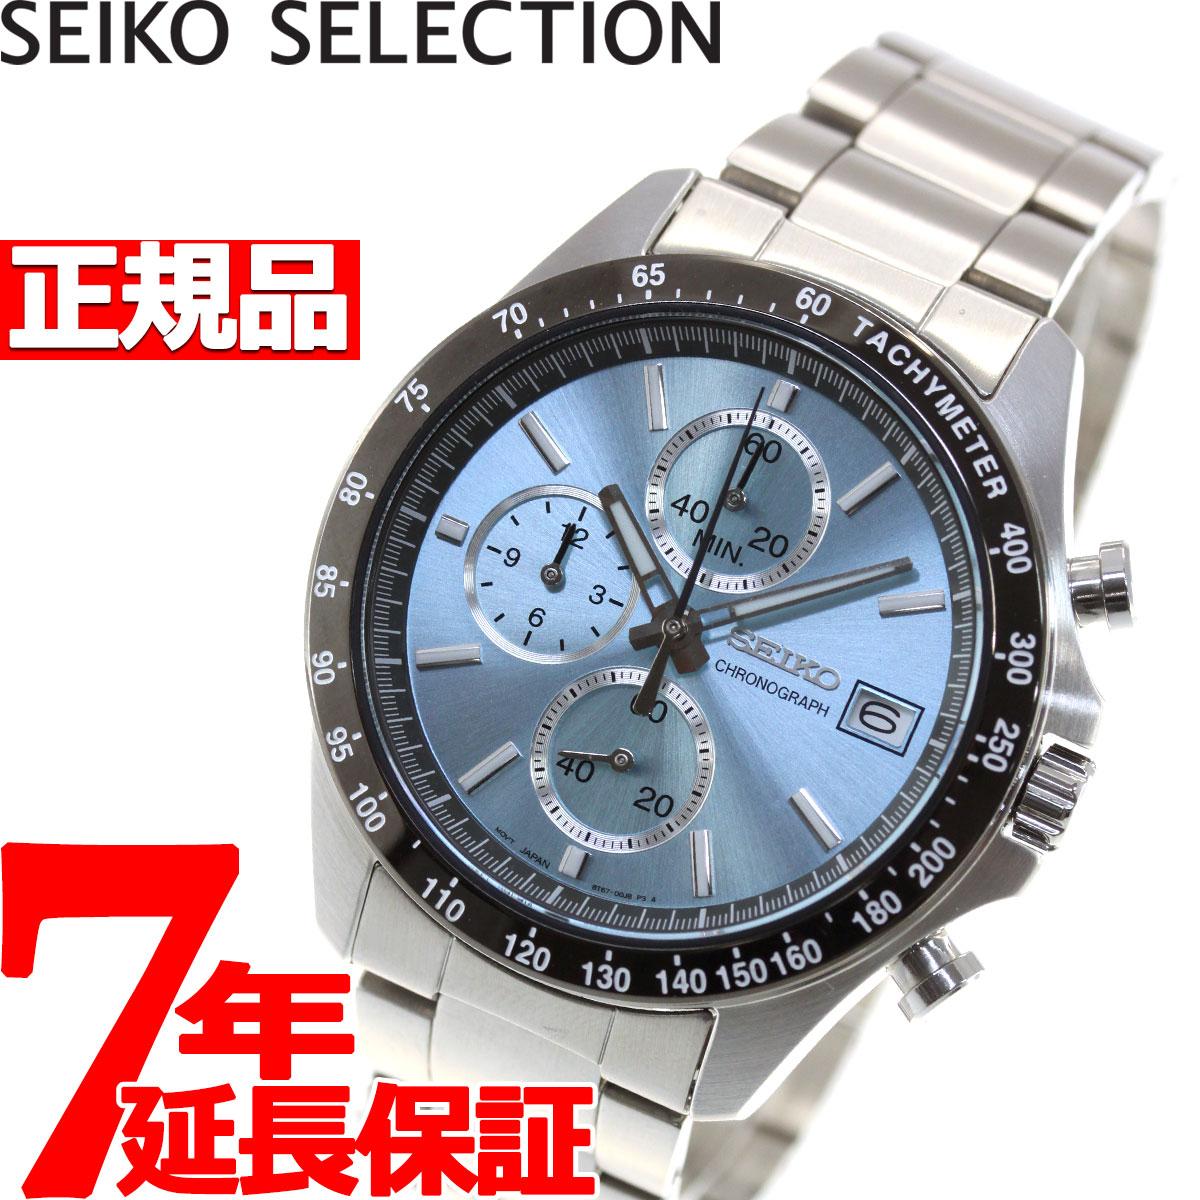 【5日0時~♪2000円OFFクーポン&店内ポイント最大51倍!5日23時59分まで】セイコー セレクション SEIKO SELECTION 腕時計 メンズ クロノグラフ SBTR029